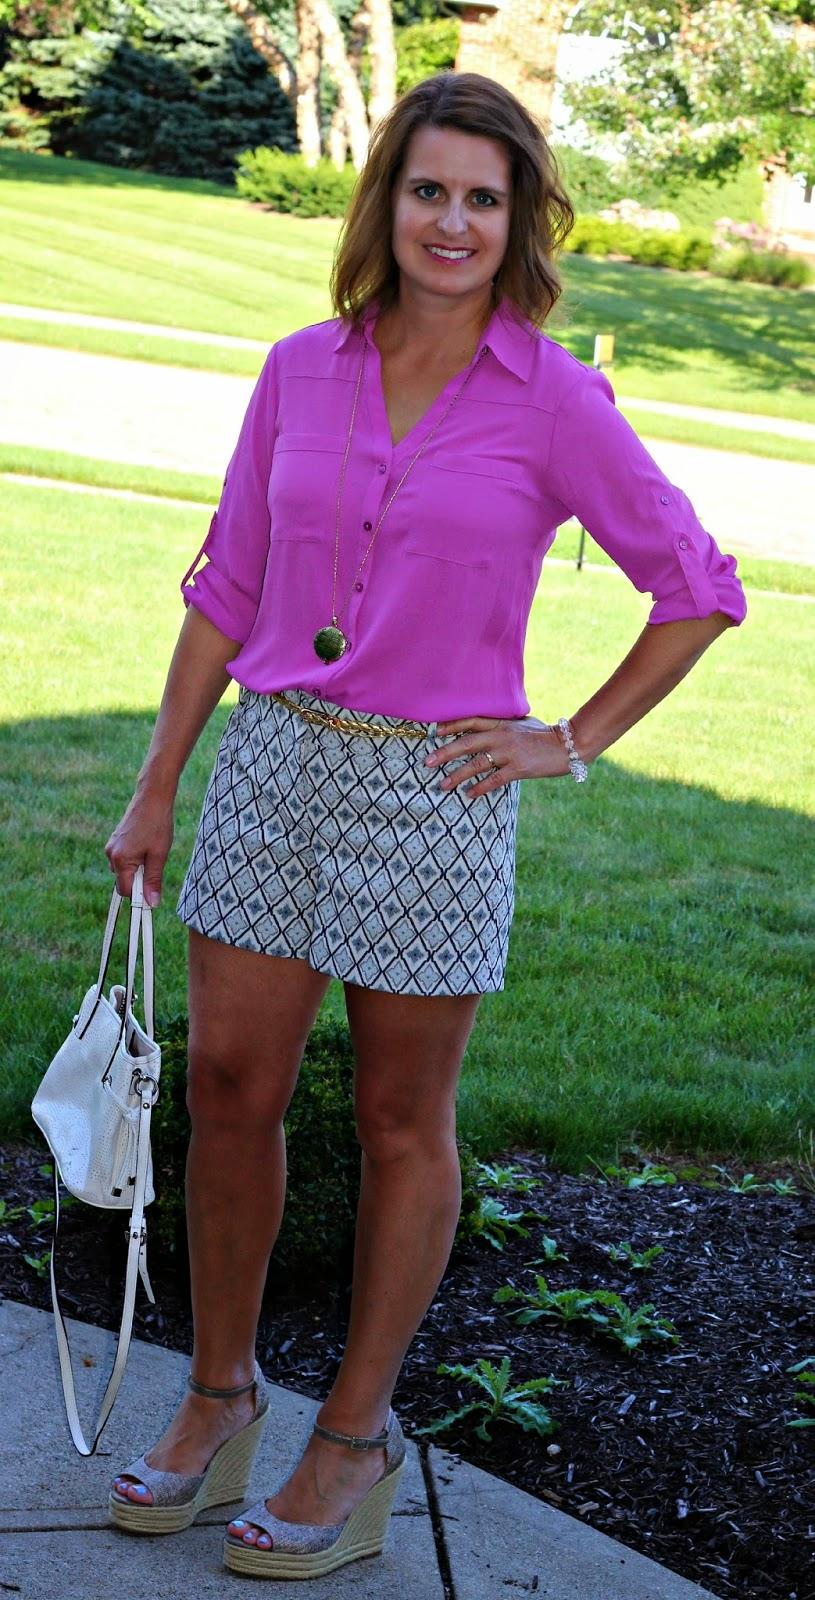 Express portofino, patterned shorts, espadrille wedges